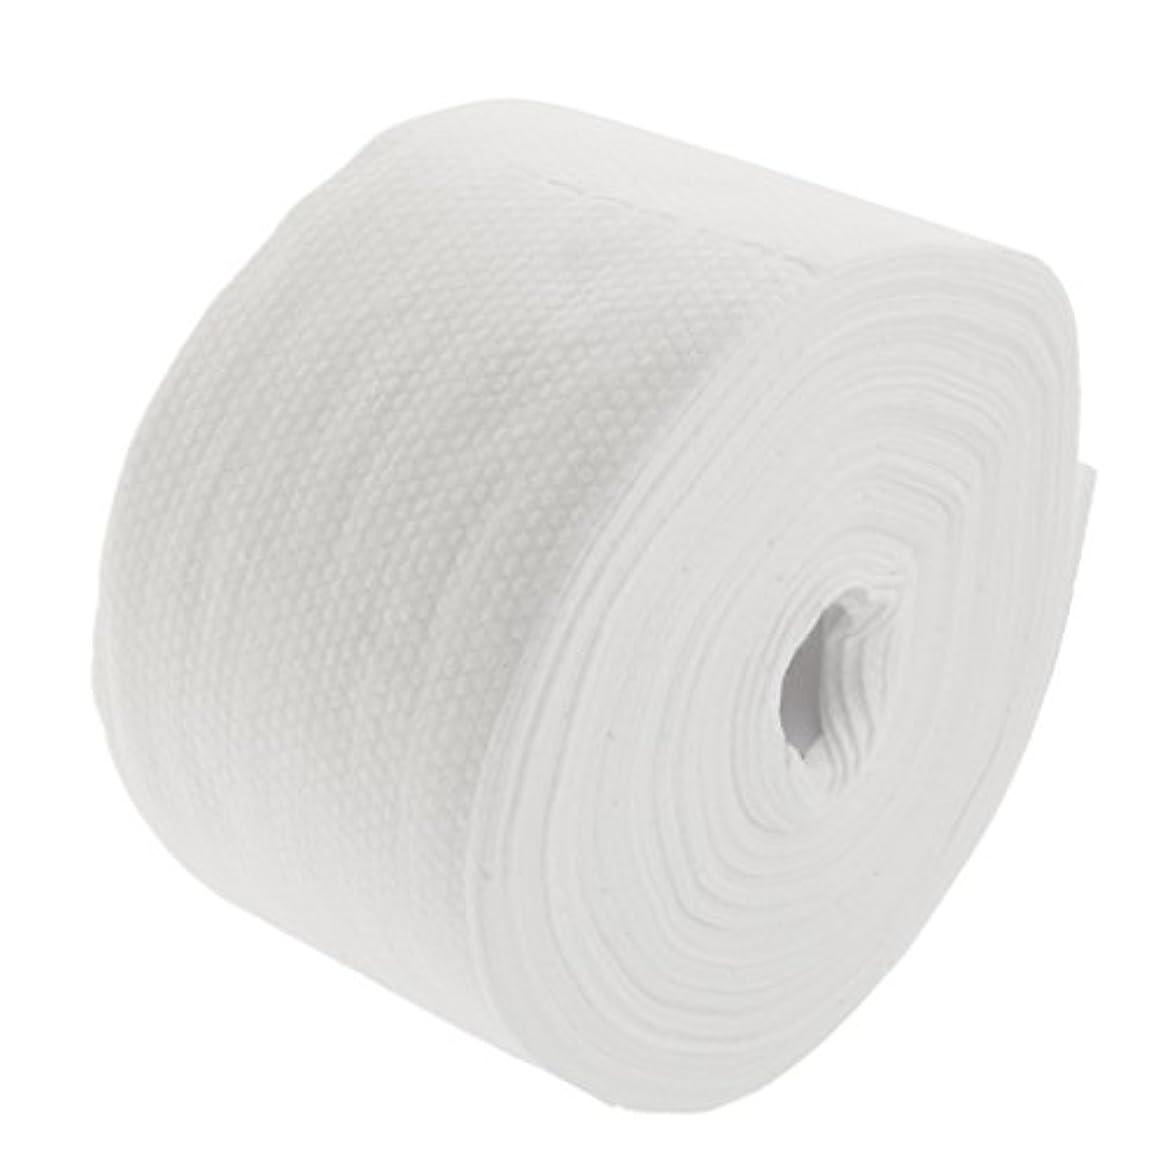 滑るアクティビティフォーラム30メートルの使い捨て可能な綿タオル繊維クレンジングフェイシャルワイプメイク落とし - #2